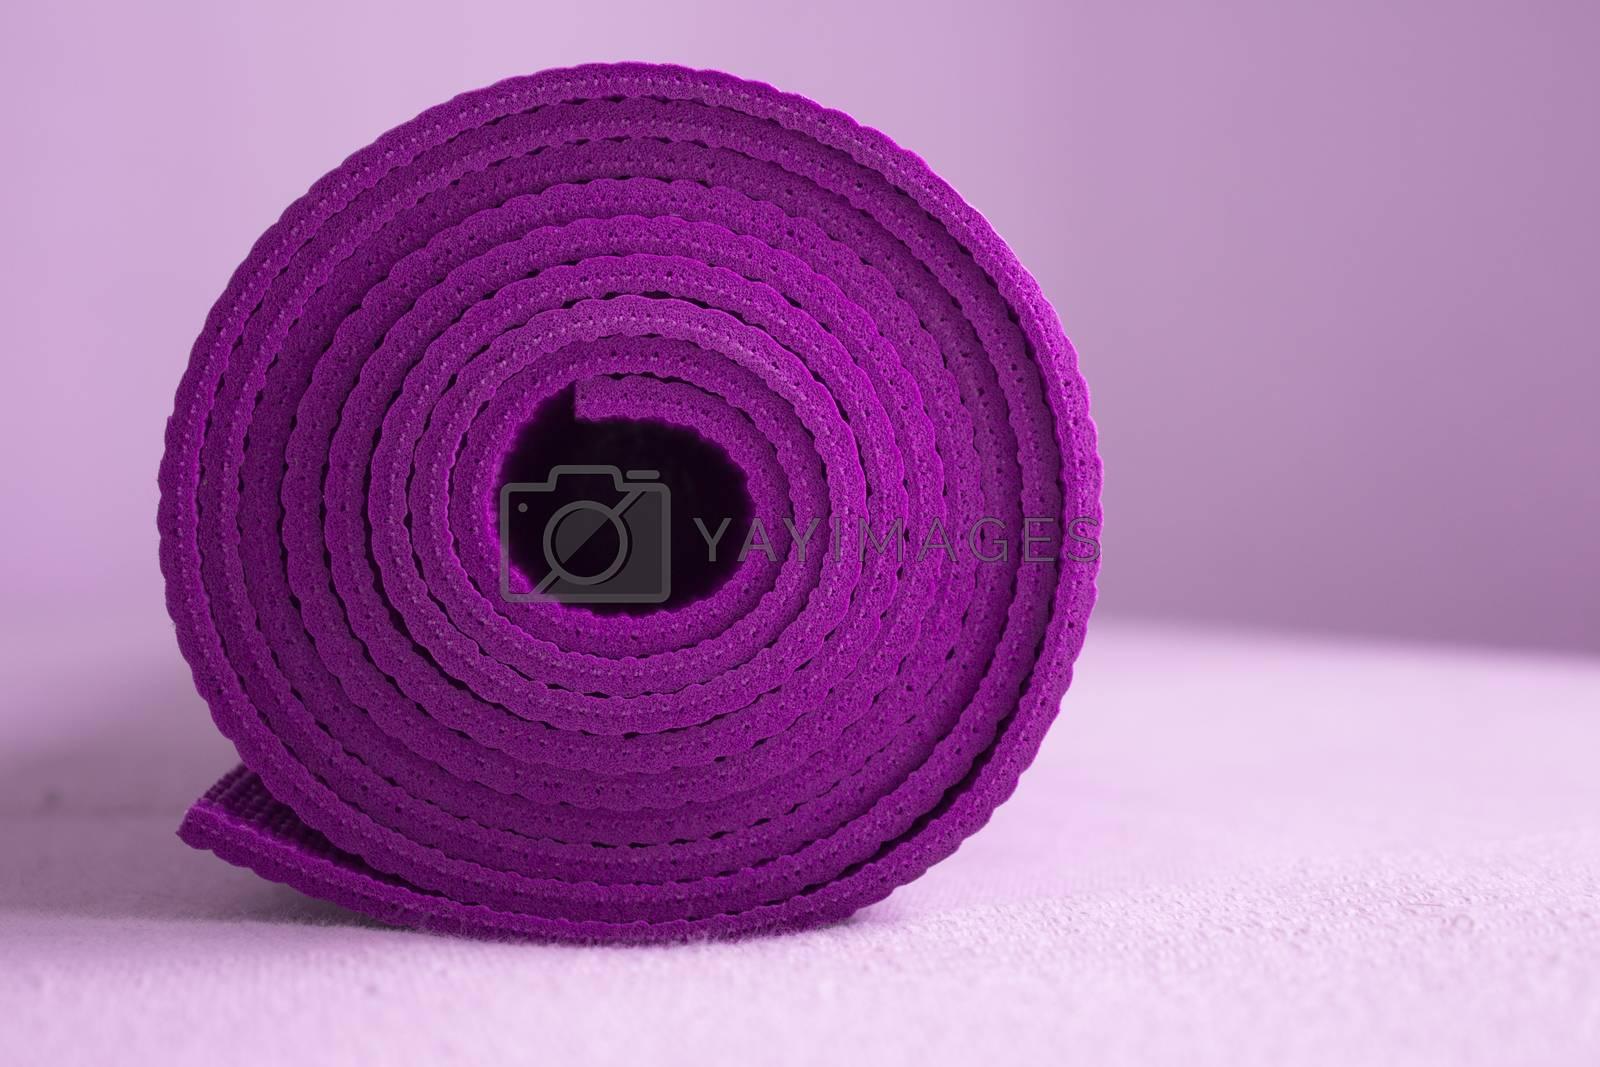 Exercising, Side View, Gym, Rolled Up, Copy Space. Fotografía de Gema Ibarra. Prohibida su utilización para cualquier uso sin autorización.Todos los derechos reservados.